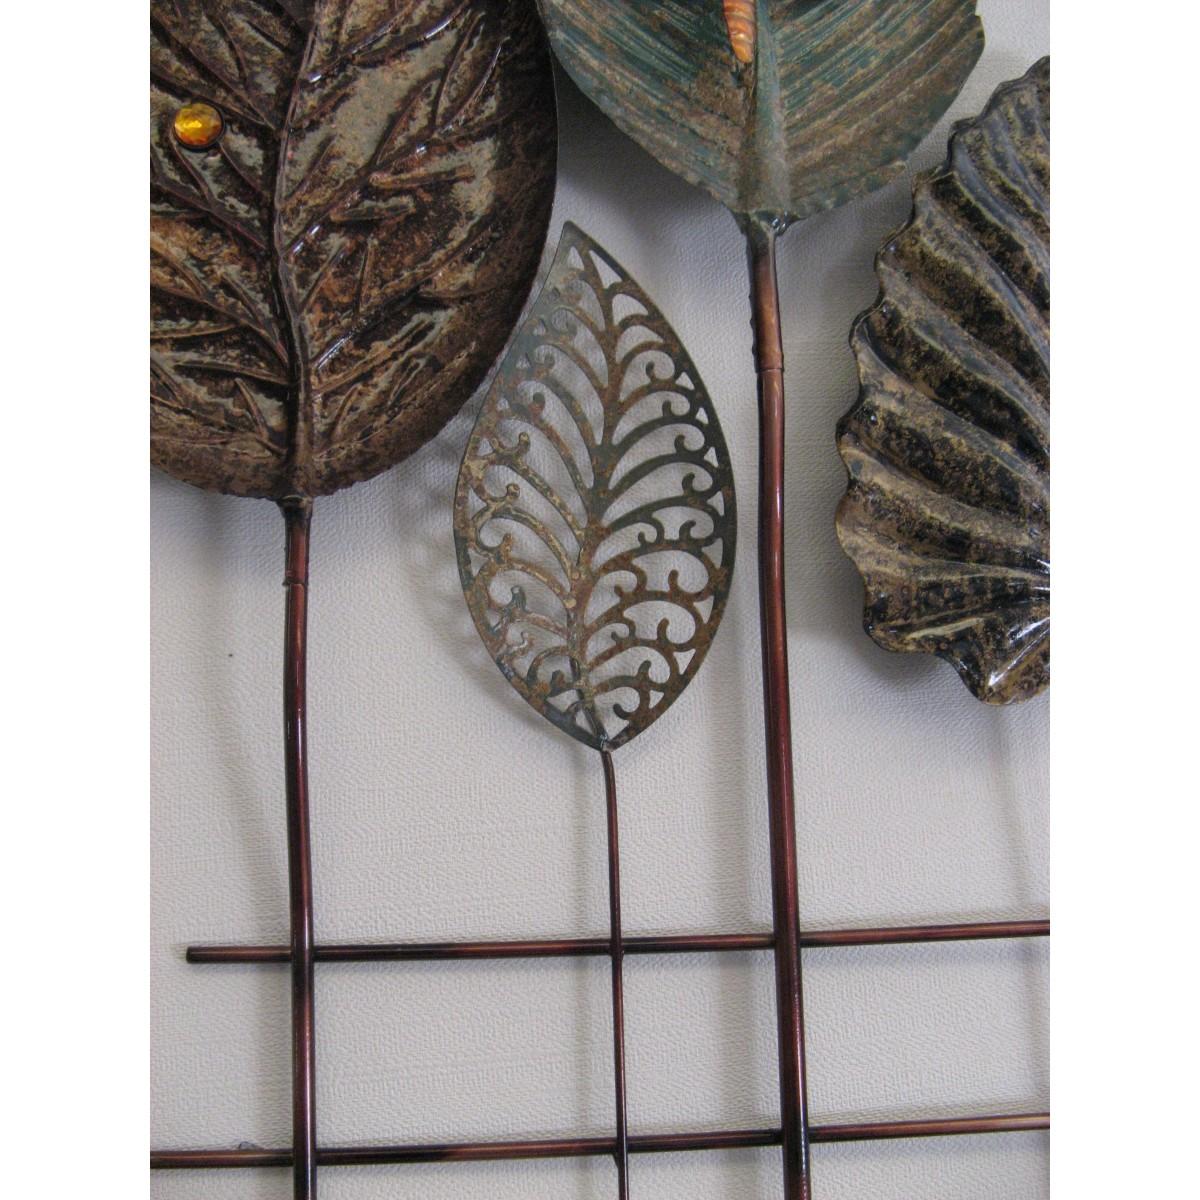 dcoration murale en mtal en forme de feuilles